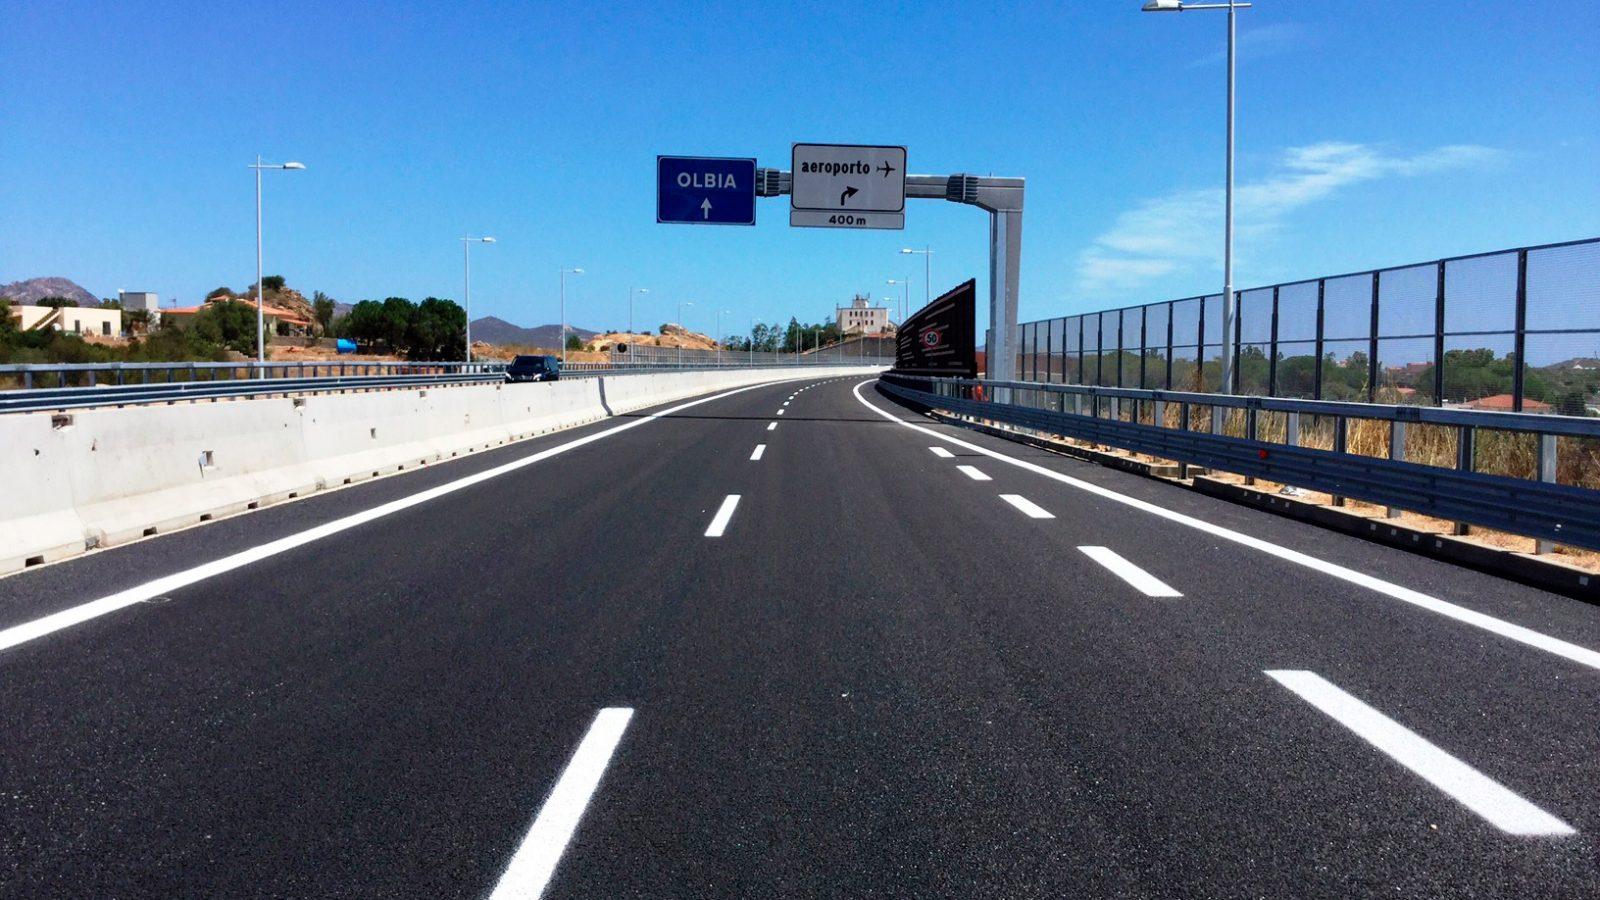 """Sardegna, strada statale 729 """"Sassari-Olbia"""", lotto 9 – svincolo per l'aeroporto di Olbia (Archivio storico Anas)"""